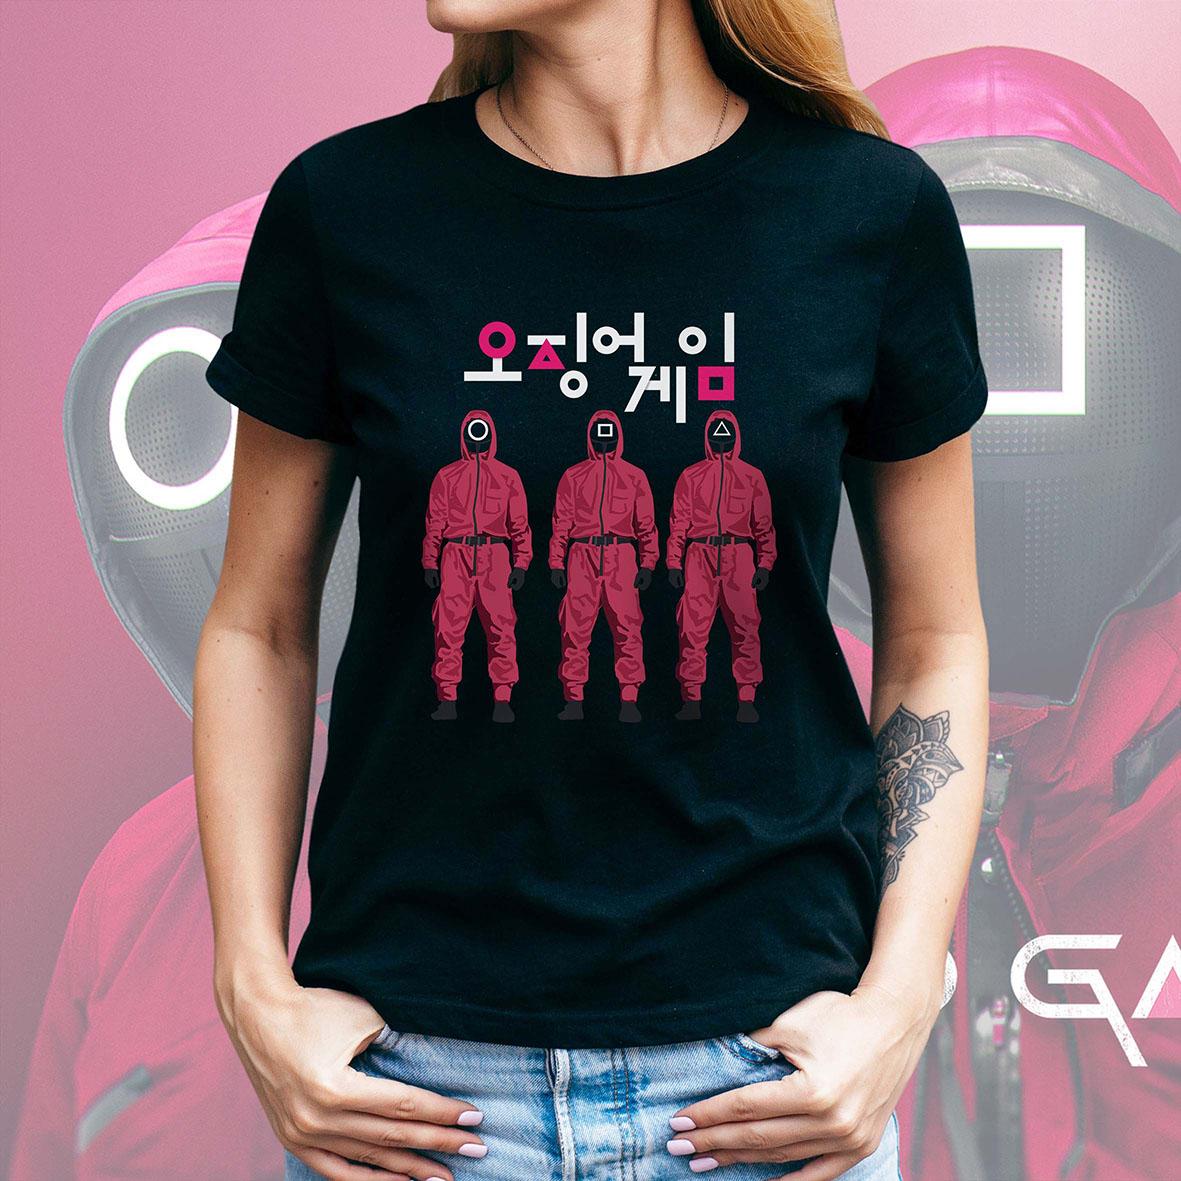 Camiseta Feminina Unissex Round 6 Squid Game Símbolos Jogadores Bola Quadrado Retângulo Logo (Preta) - EV